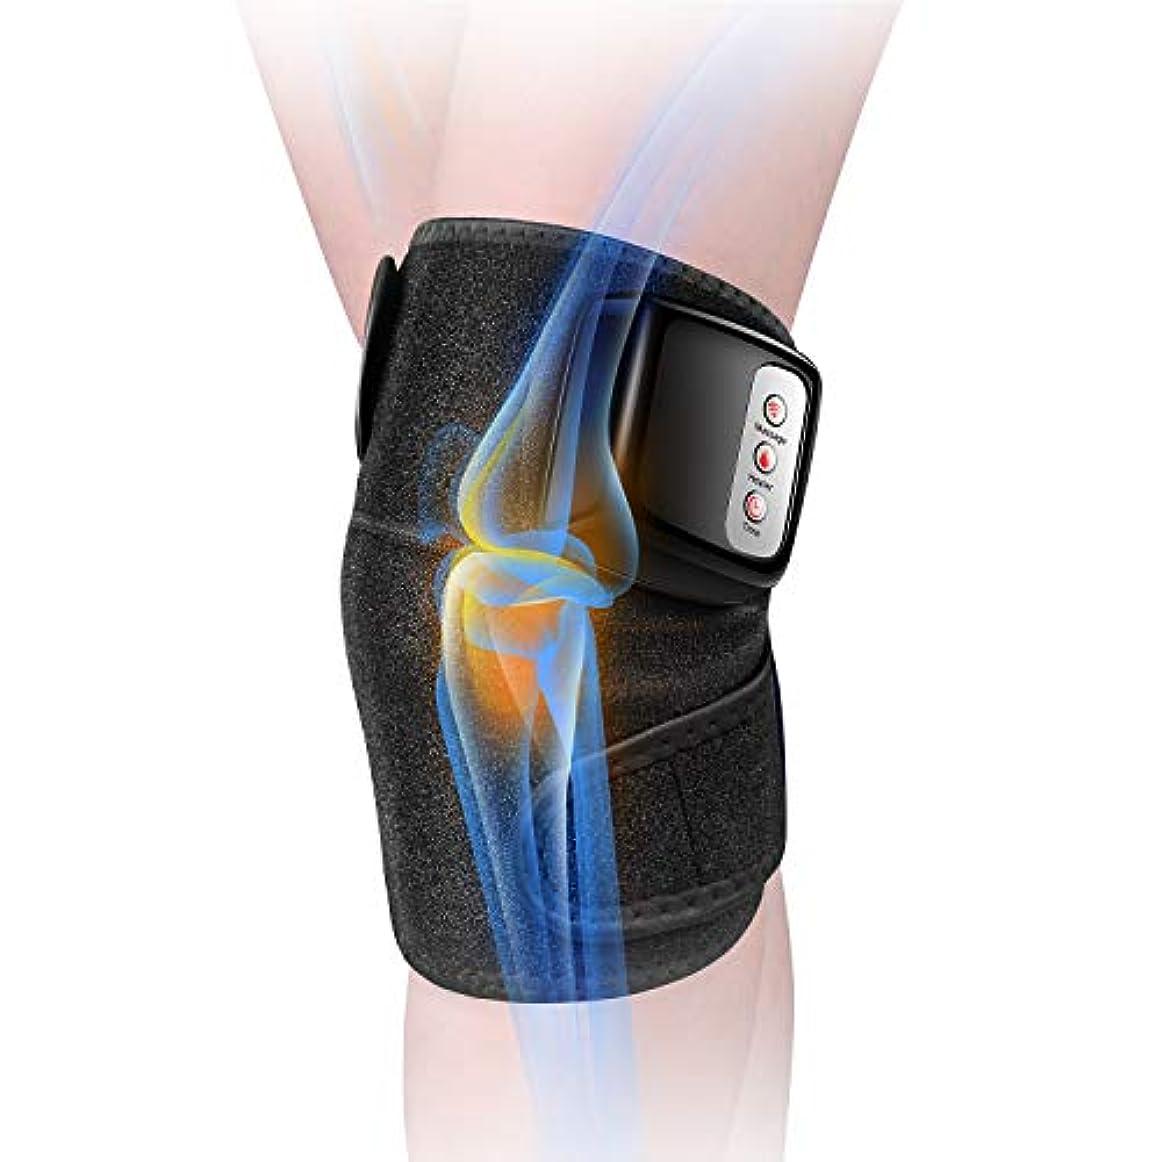 破滅有名人必須膝マッサージャー 関節マッサージャー マッサージ器 フットマッサージャー 振動 赤外線療法 温熱療法 膝サポーター ストレス解消 肩 太もも/腕対応